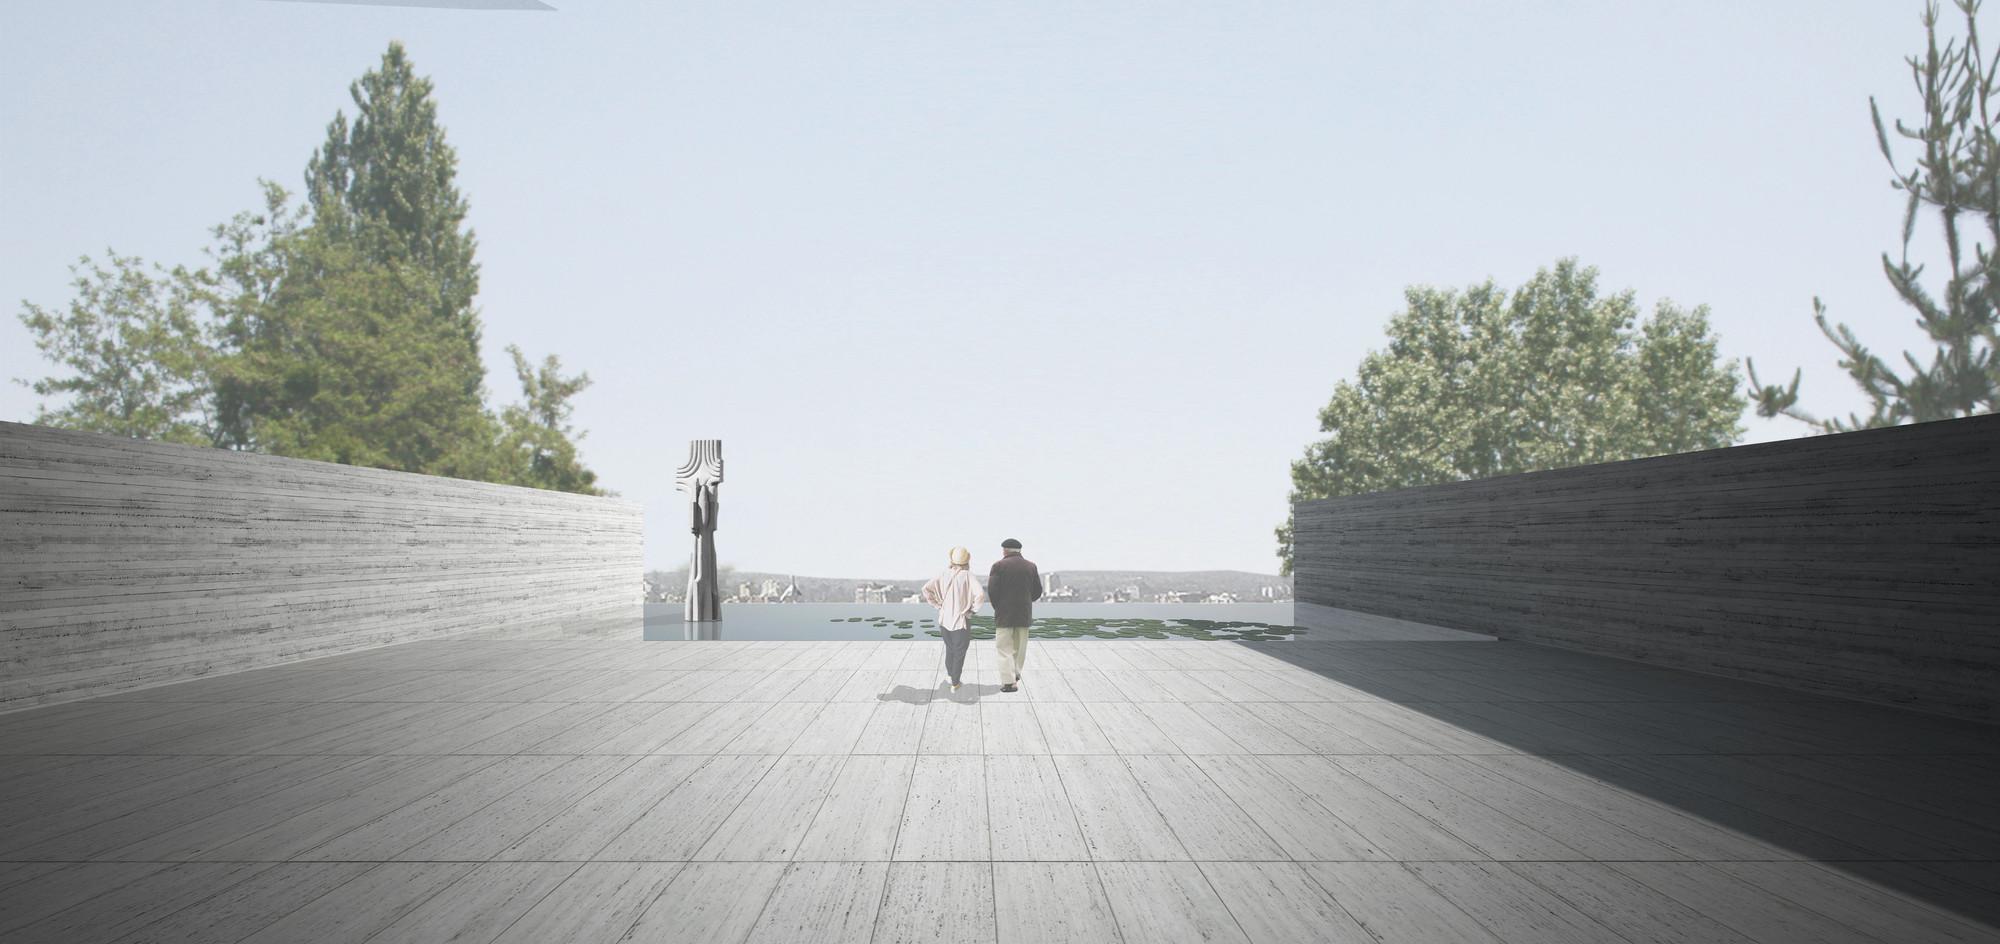 Concurso de Ideas Museo Mario Toral (Acta del Jurado), Cortesía Equipo Primer Lugar